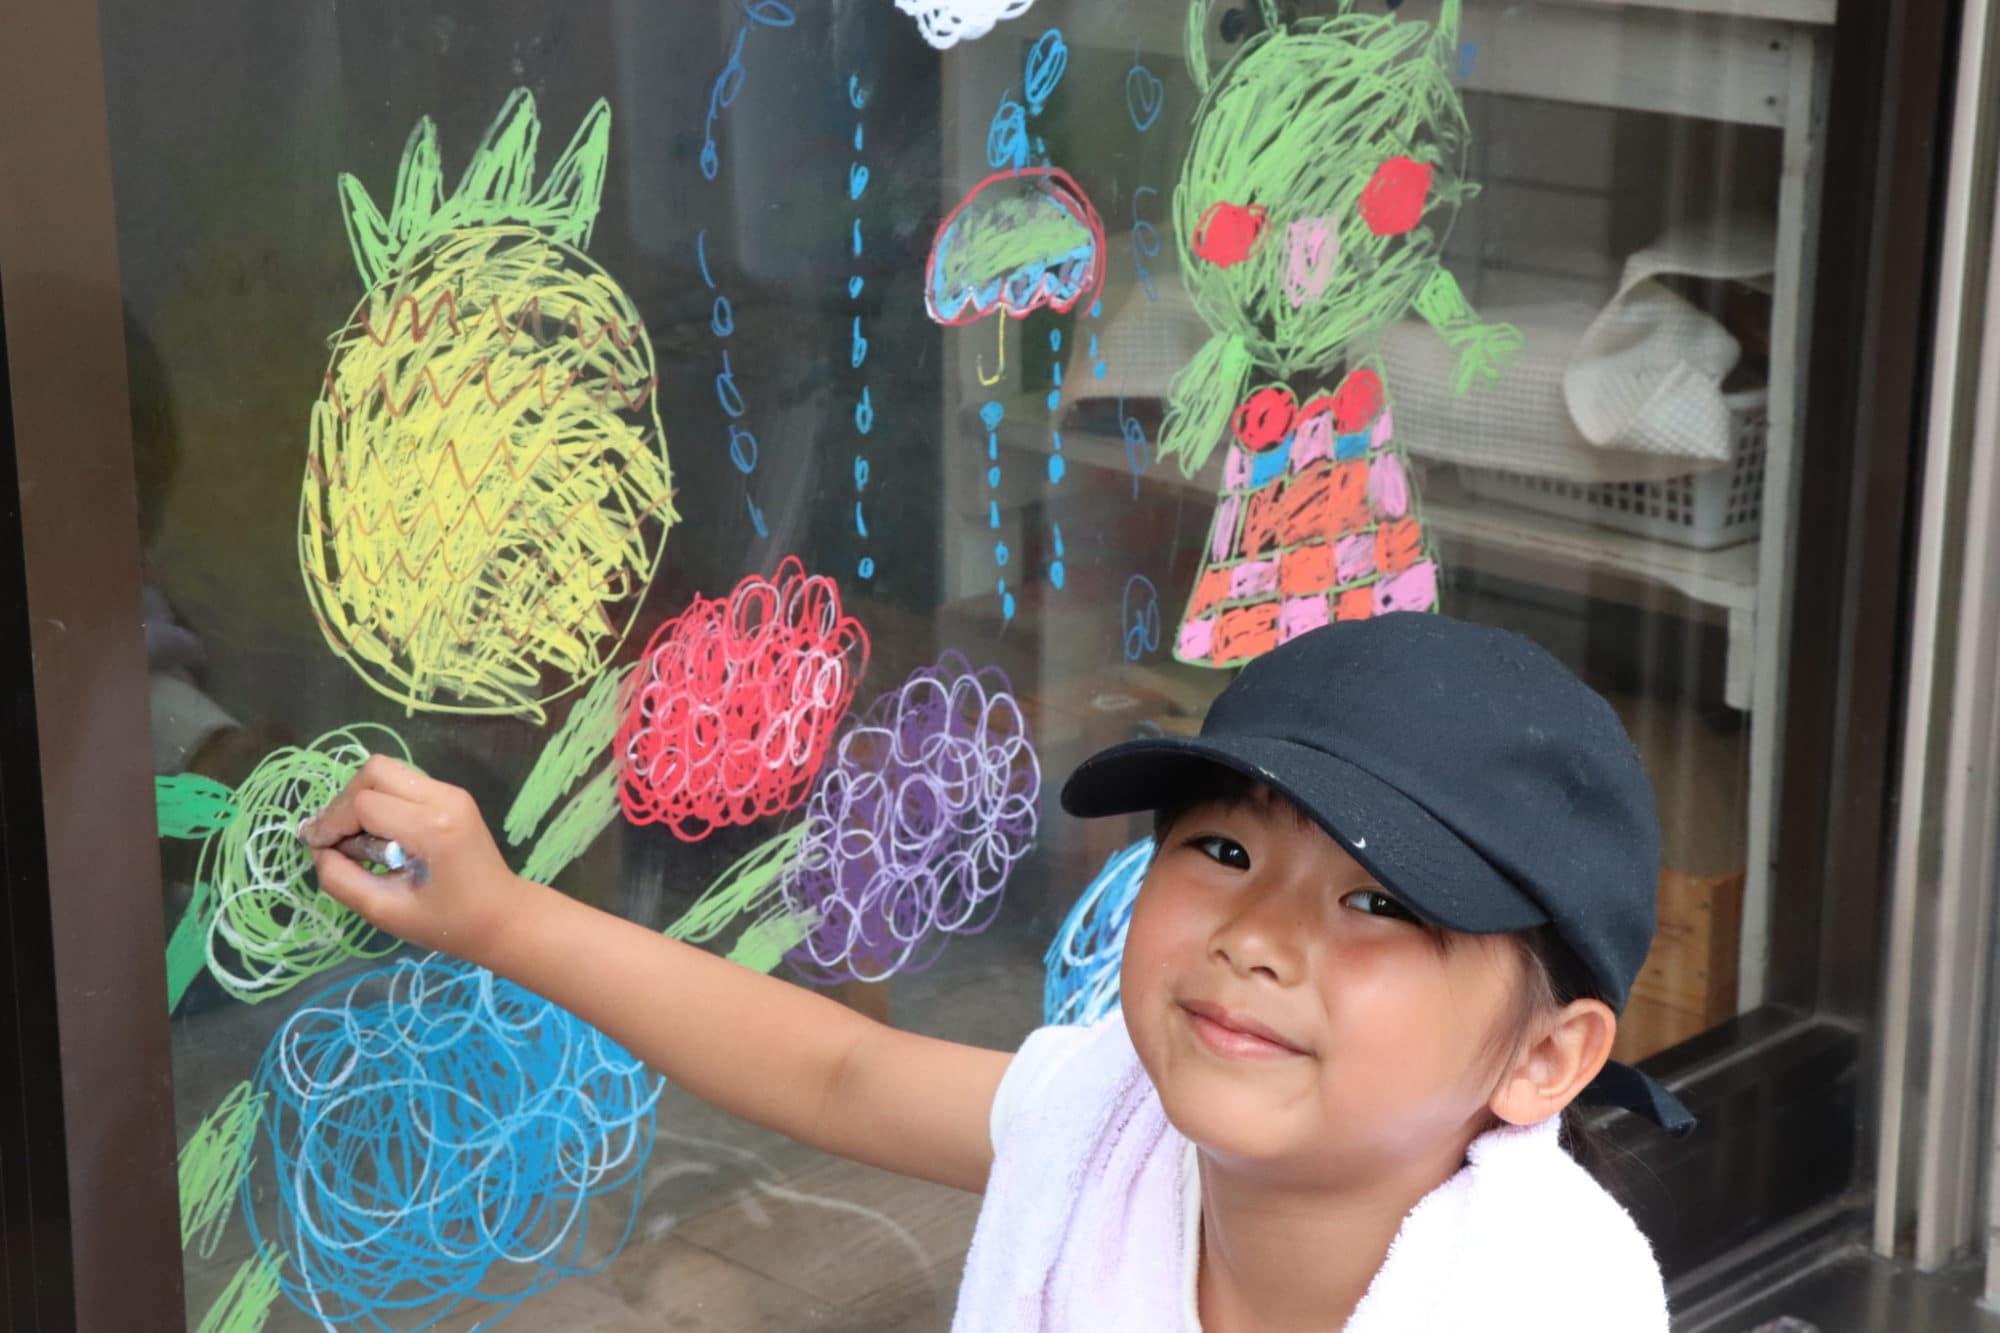 6月のウィンドーお絵かきは、可愛いお子様がカエルとアジサイを描いてくれました。